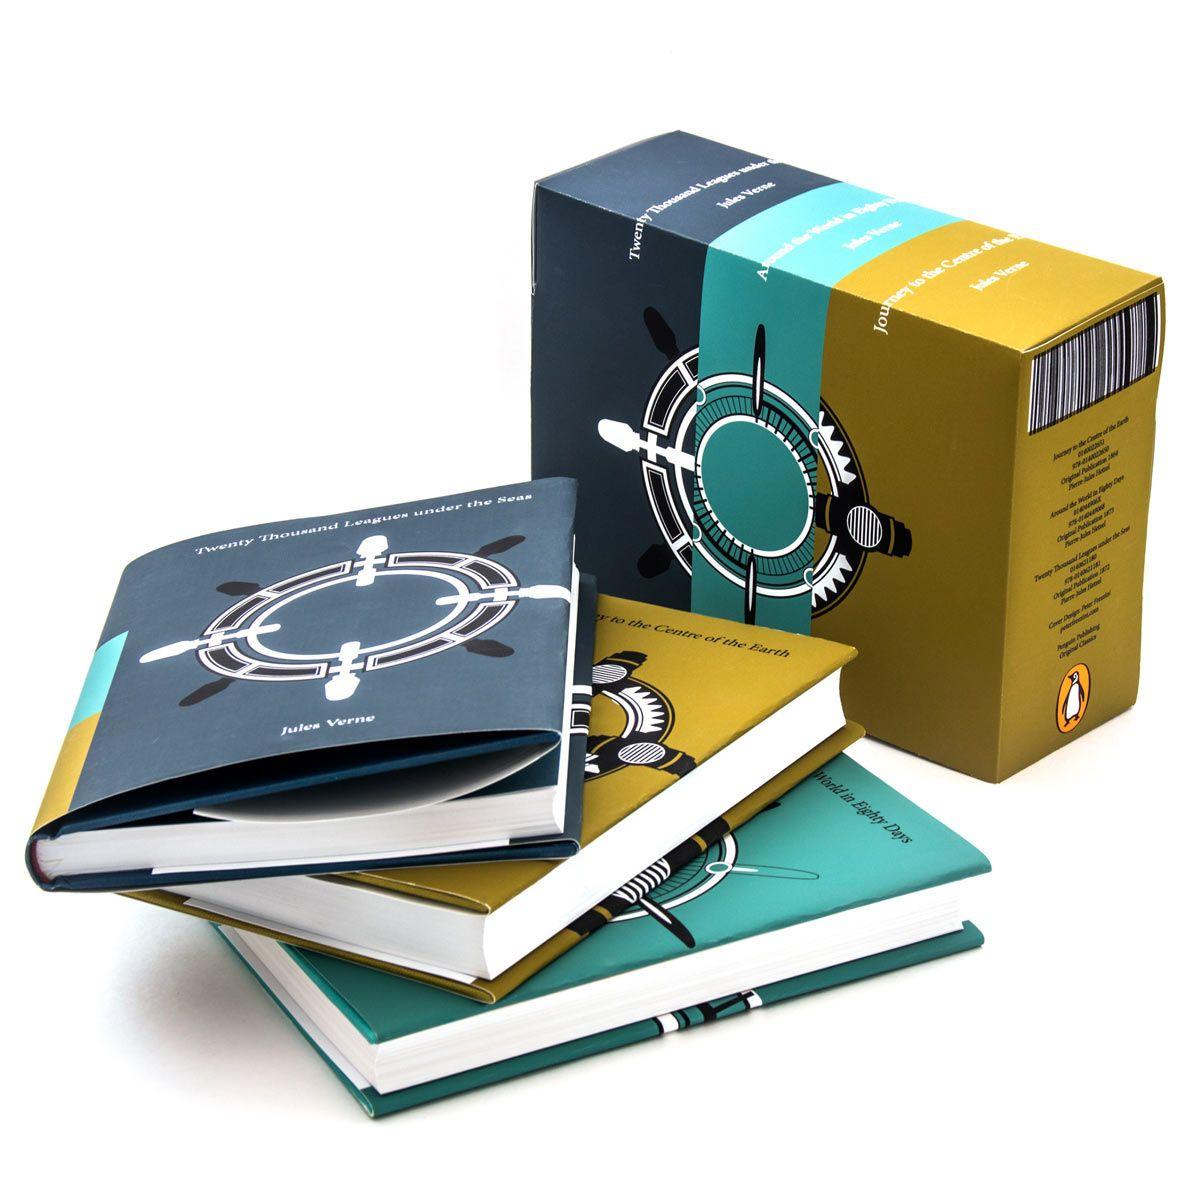 Jules Verne Book Set